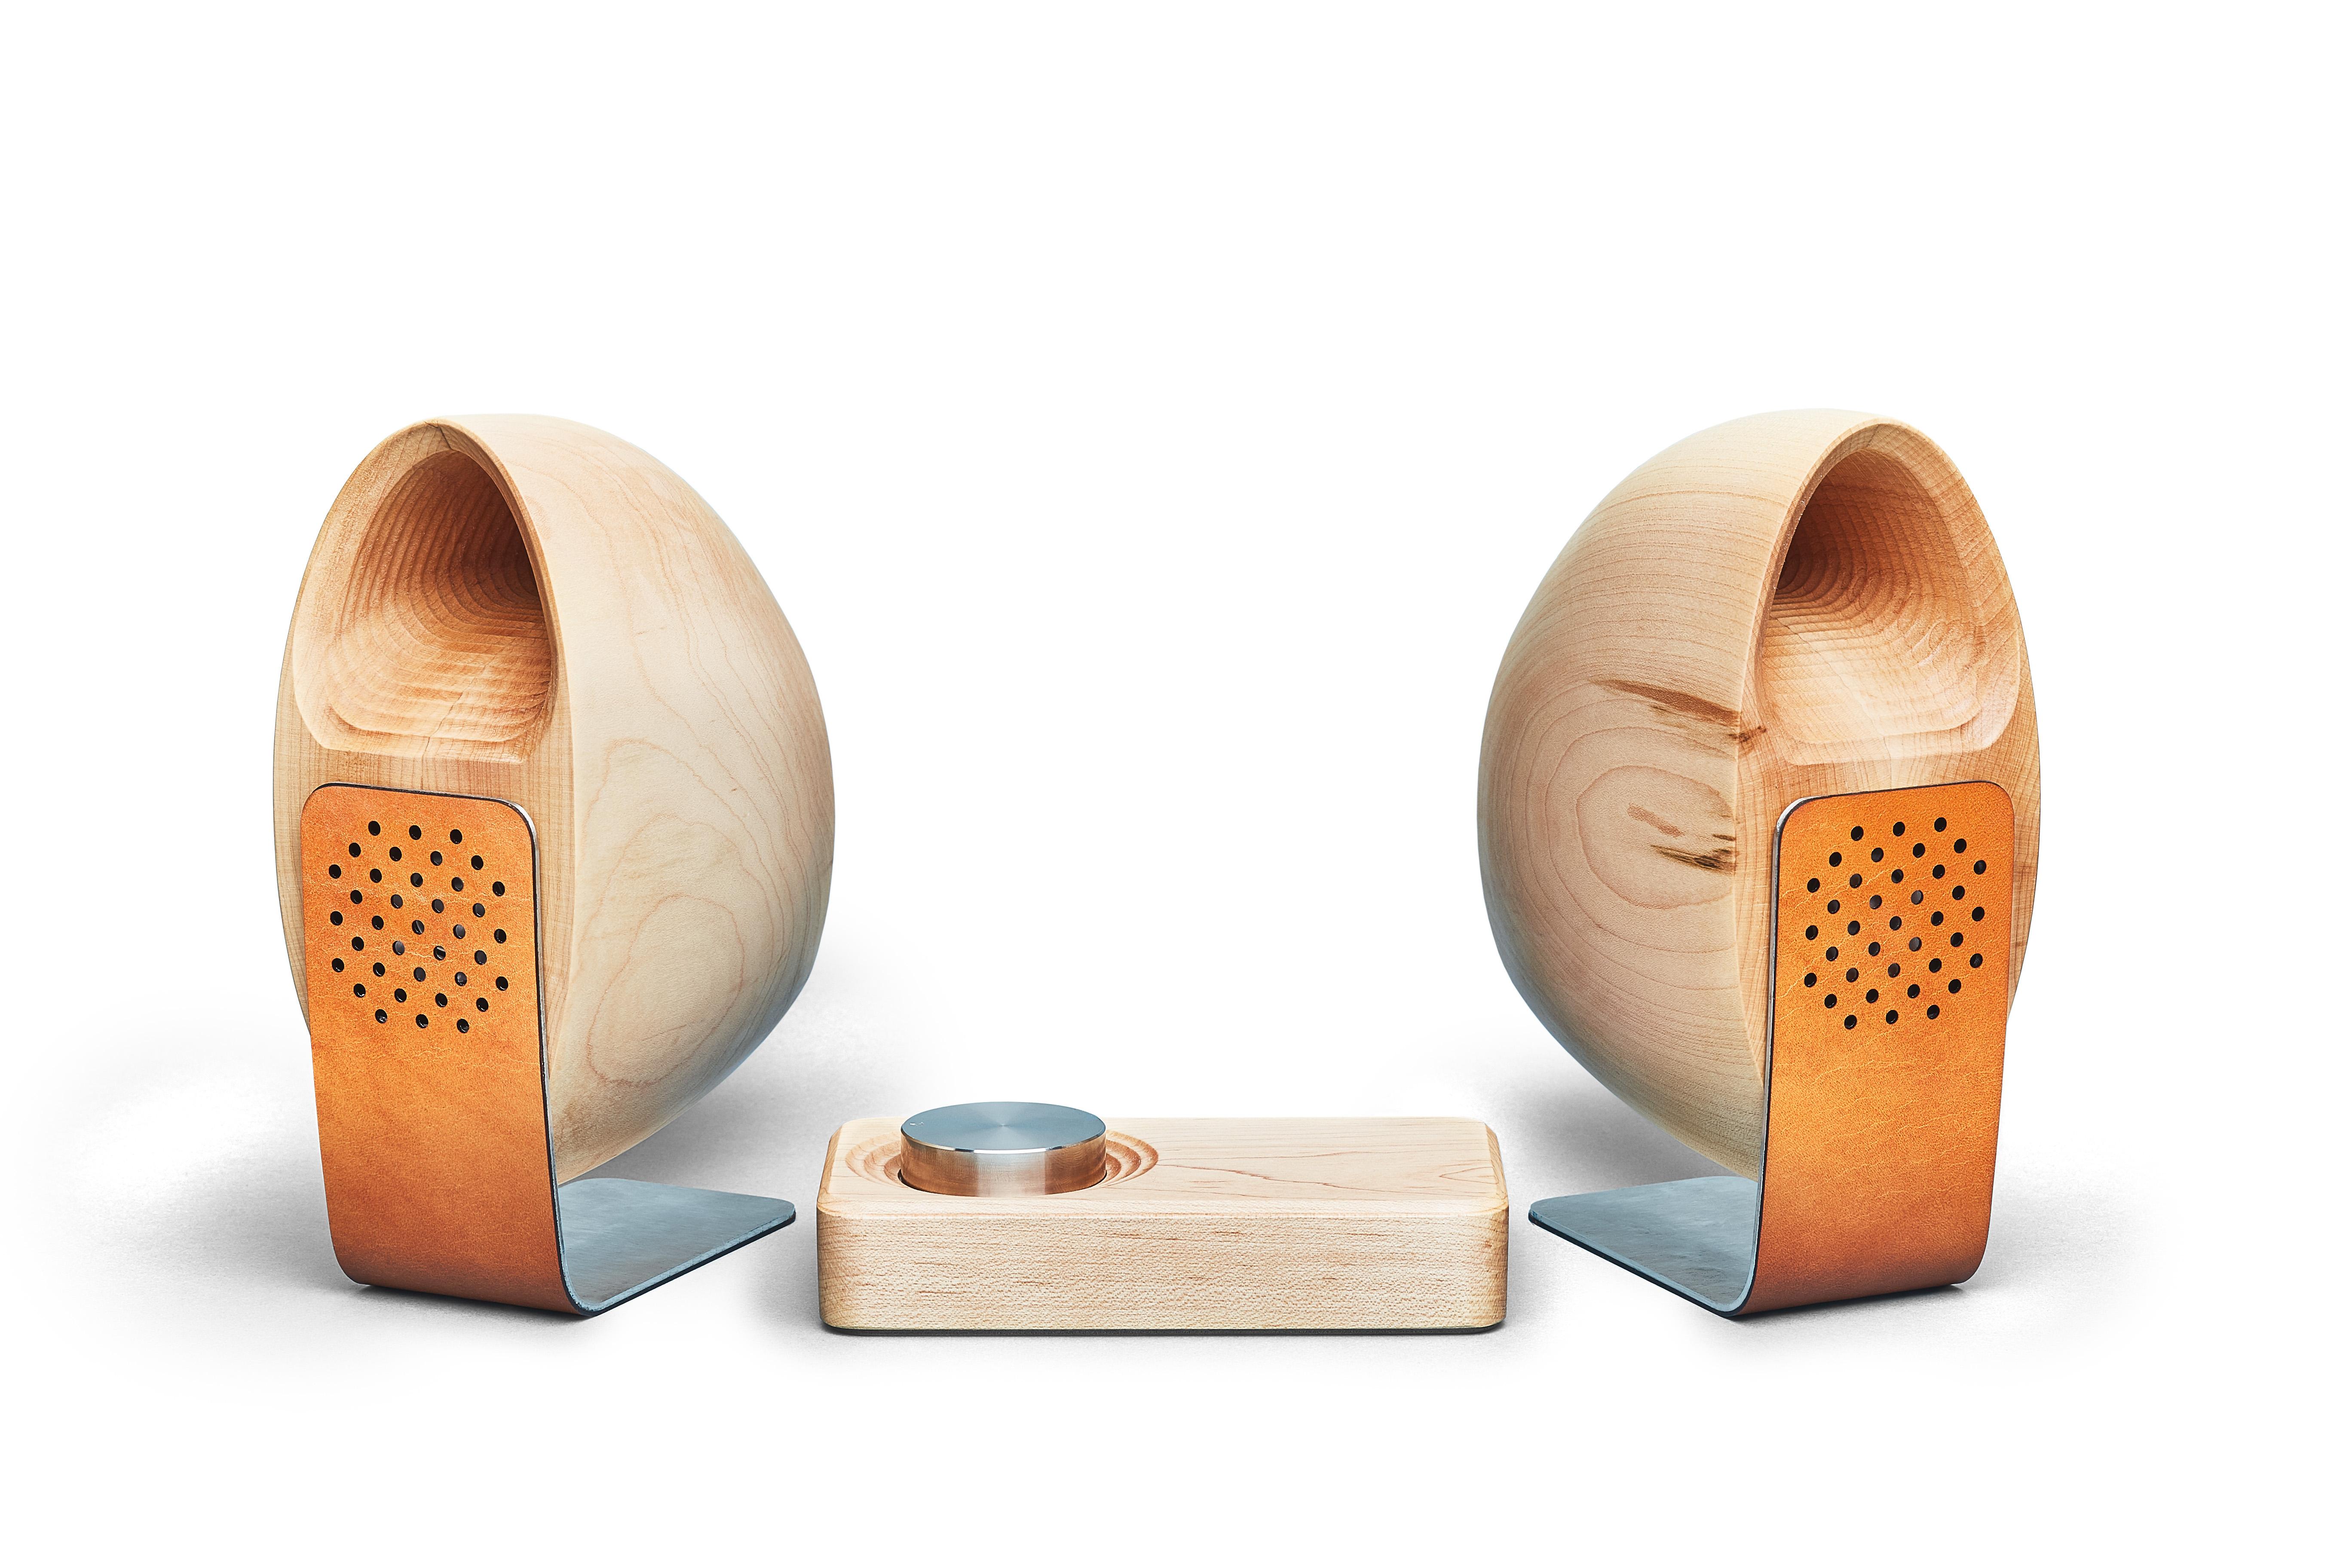 Grovemade - Speaker System - White Background - Maple